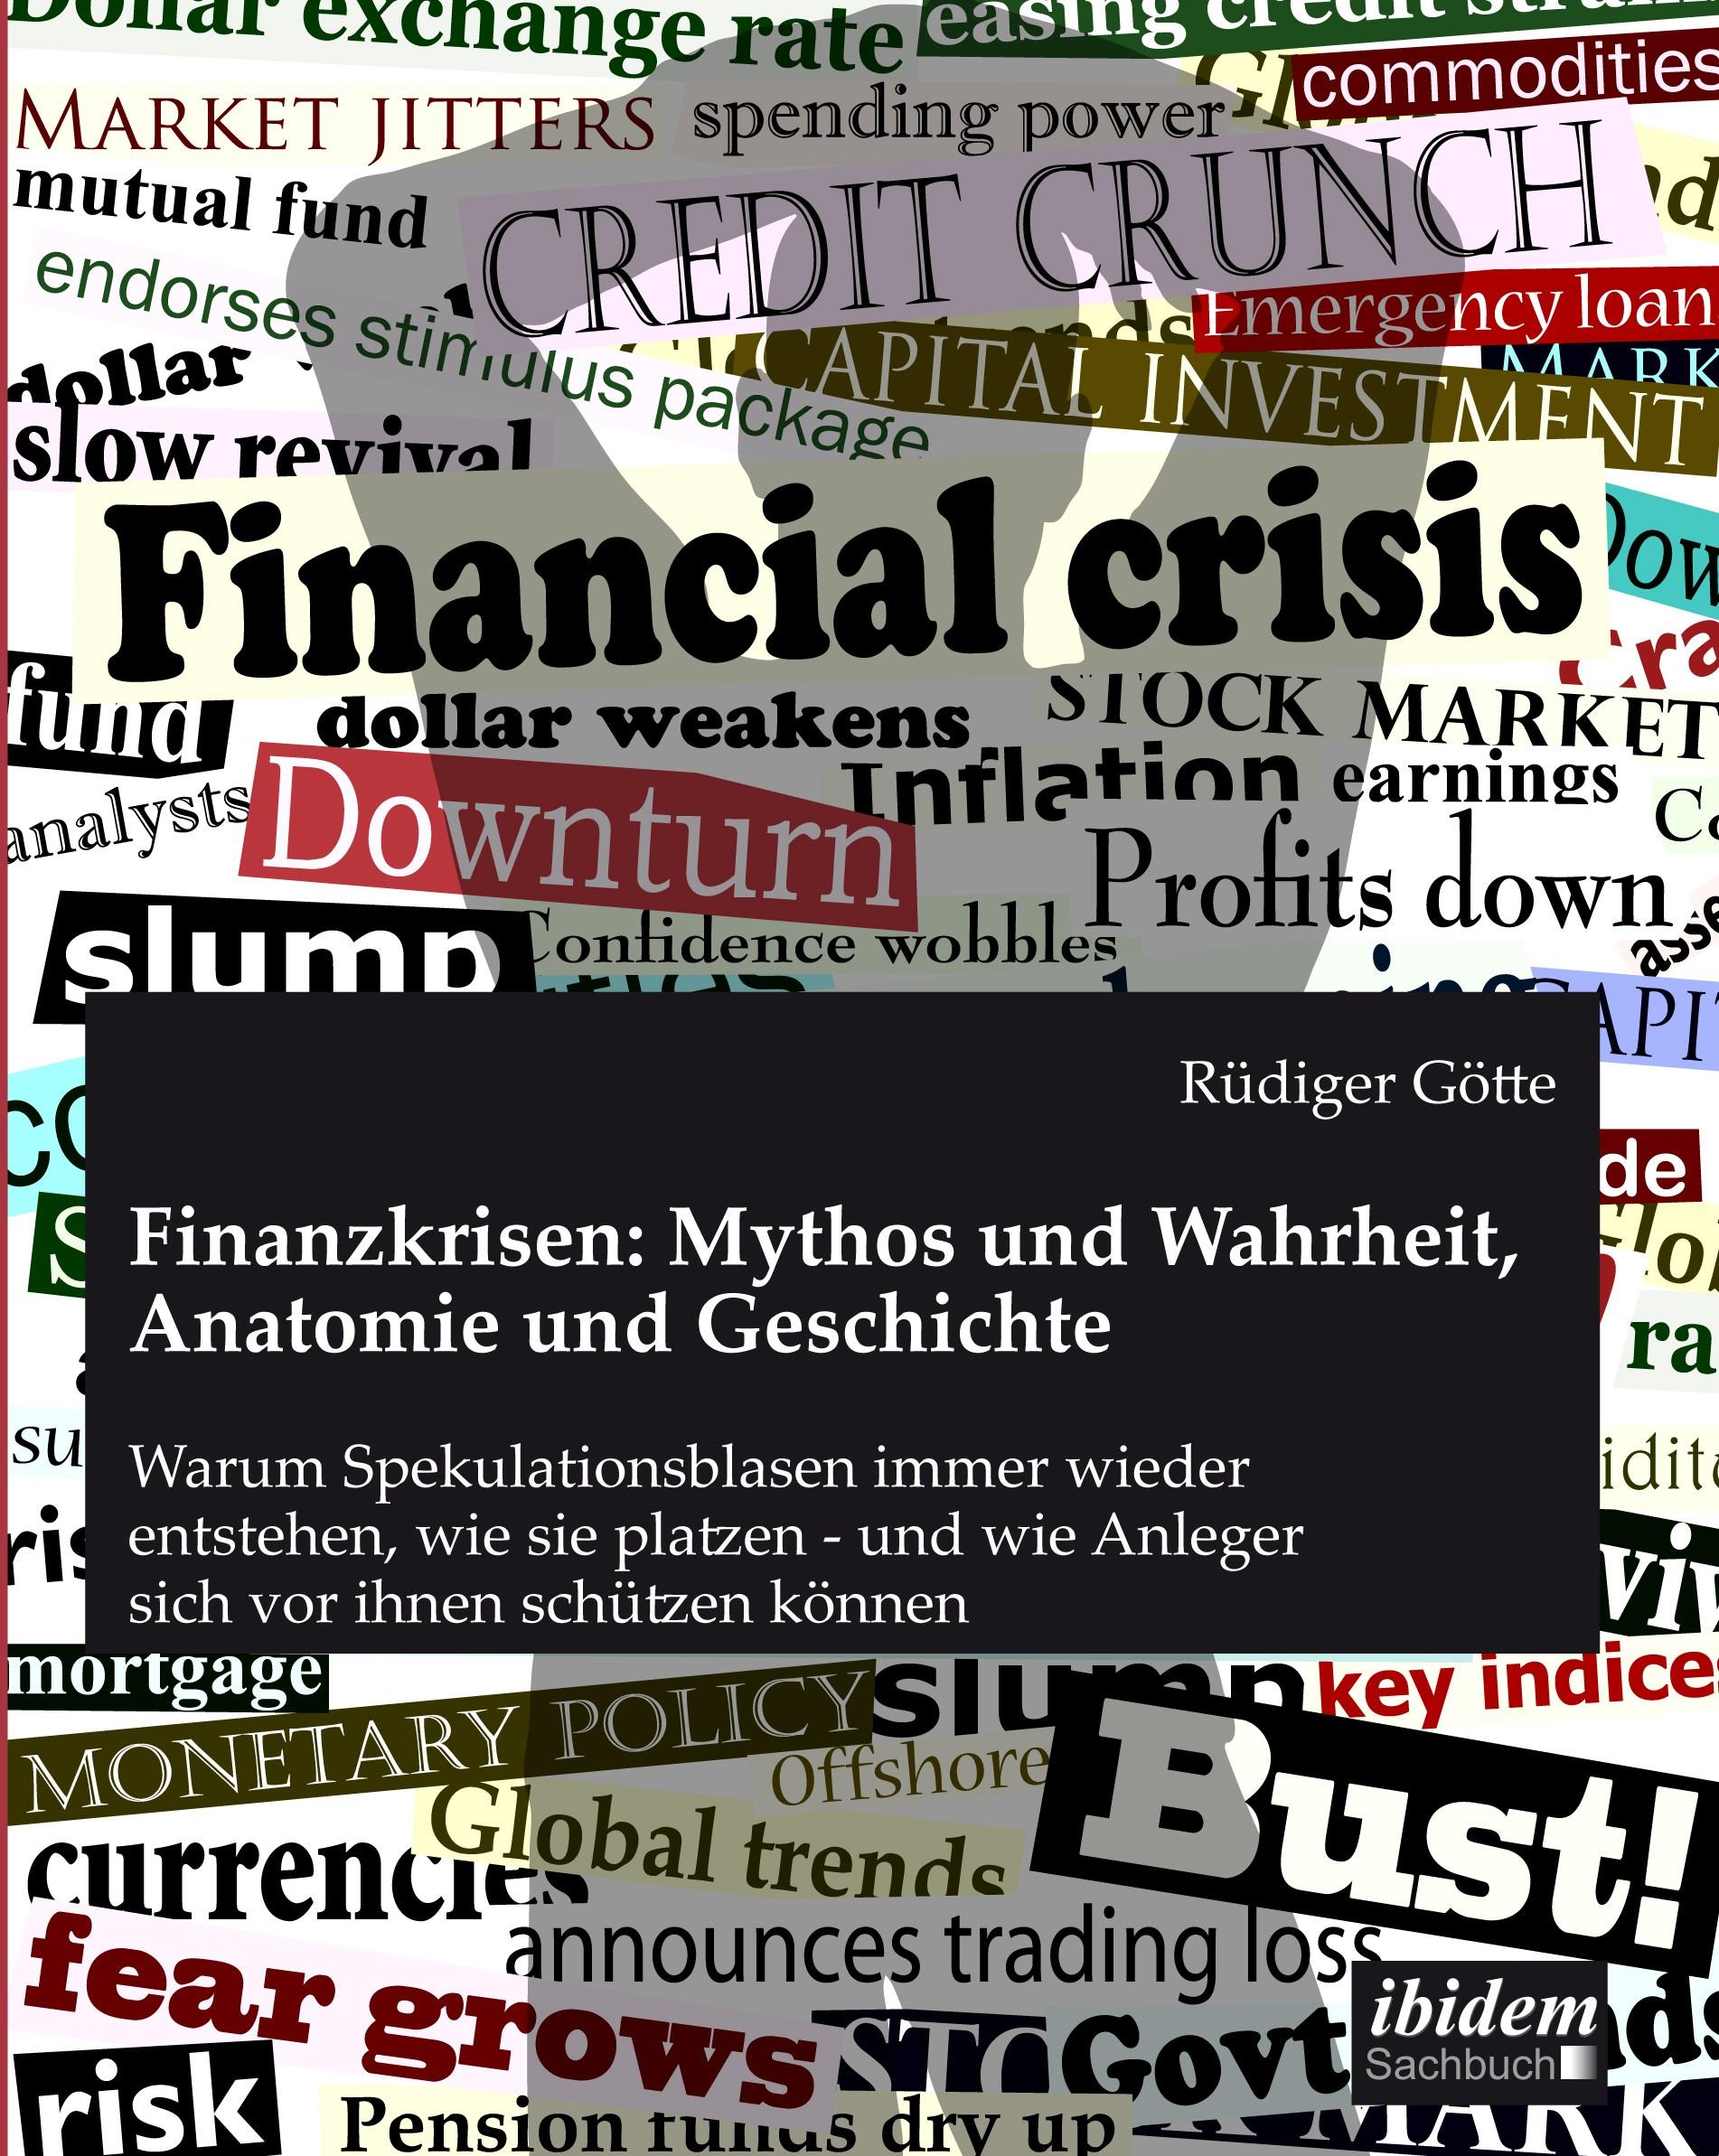 Finanzkrisen: Mythos und Wahrheit, Anatomie und Geschichte - Ratgeber